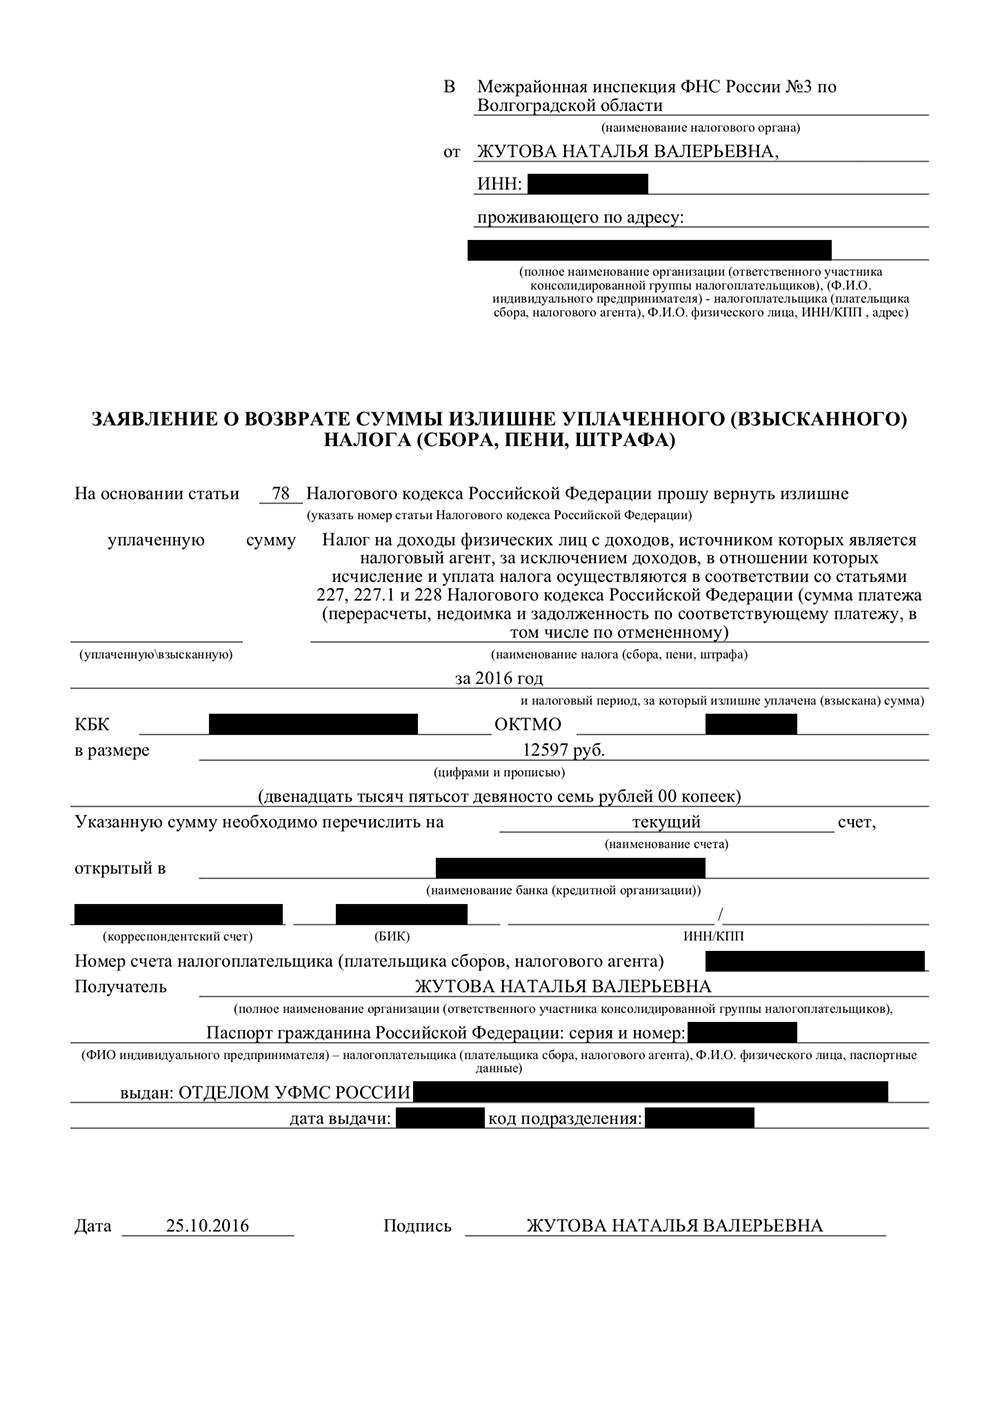 После подачи декларации о доходах я отправила в налоговую заявление о возврате излишне уплаченного налога